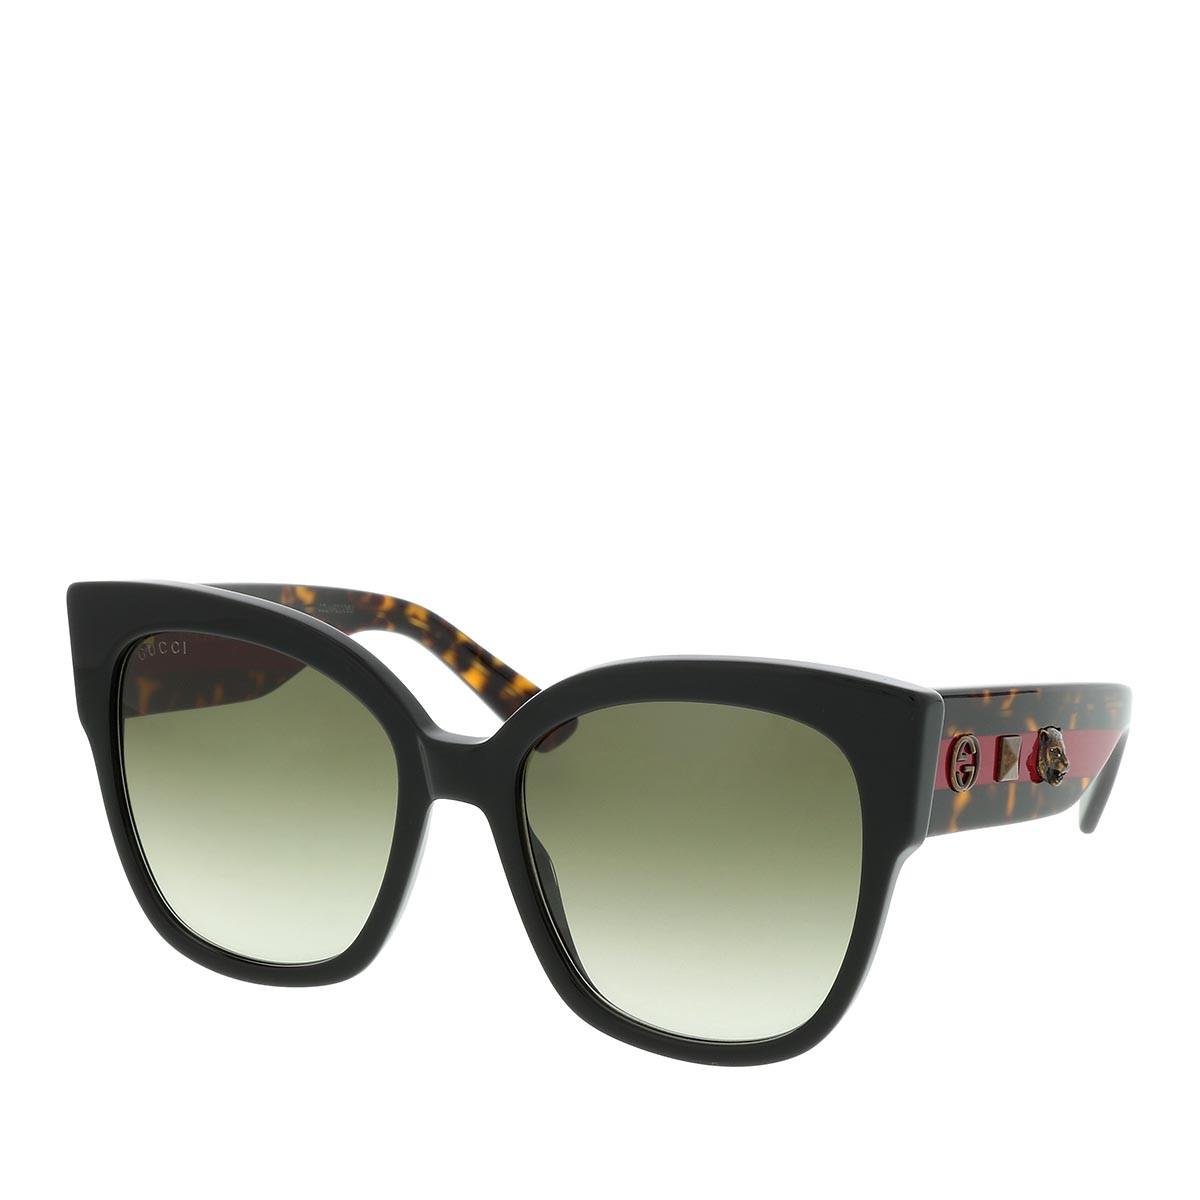 Gucci Sonnenbrille - GG0059S 55 001 - in braun - für Damen